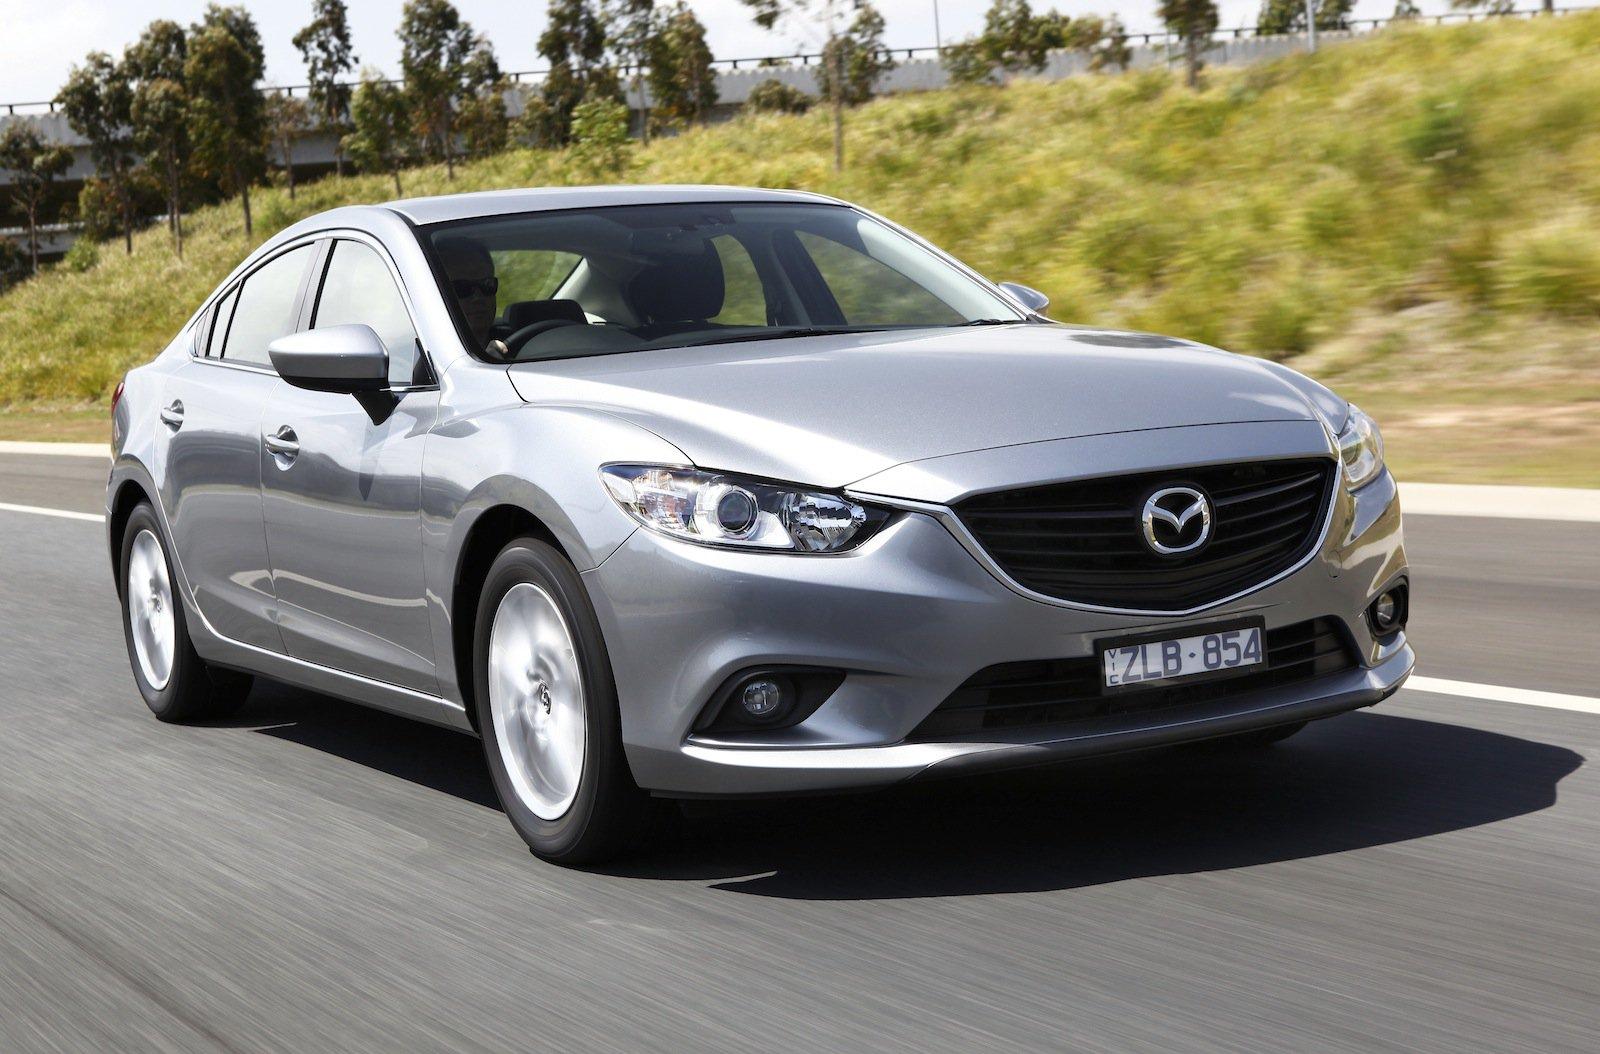 Kelebihan Kekurangan Mazda 6 2013 Tangguh